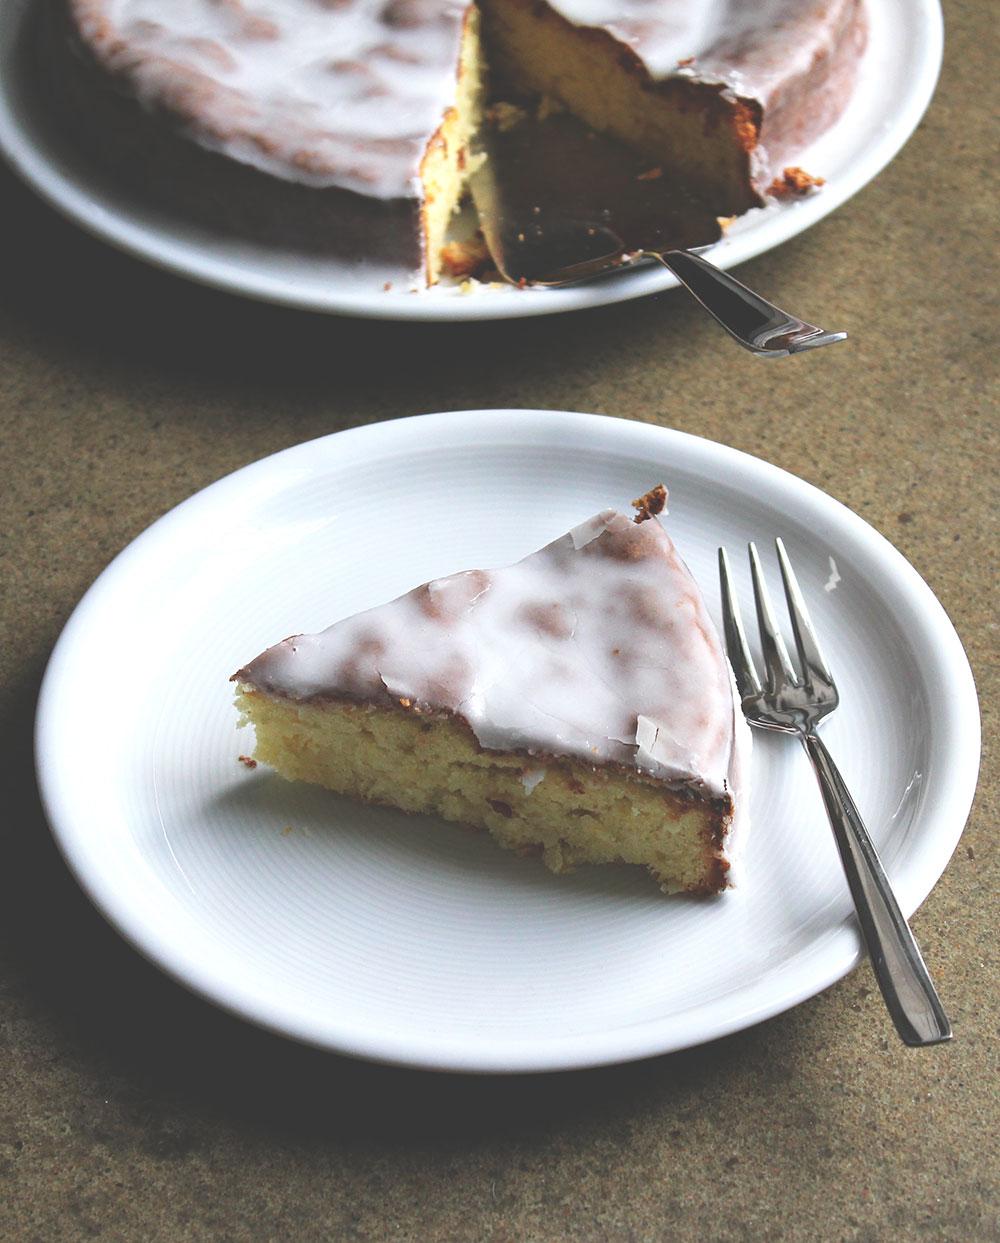 Rezept für Macadamia-Kuchen mit Kokos und Zitrone von moeyskitchen.com